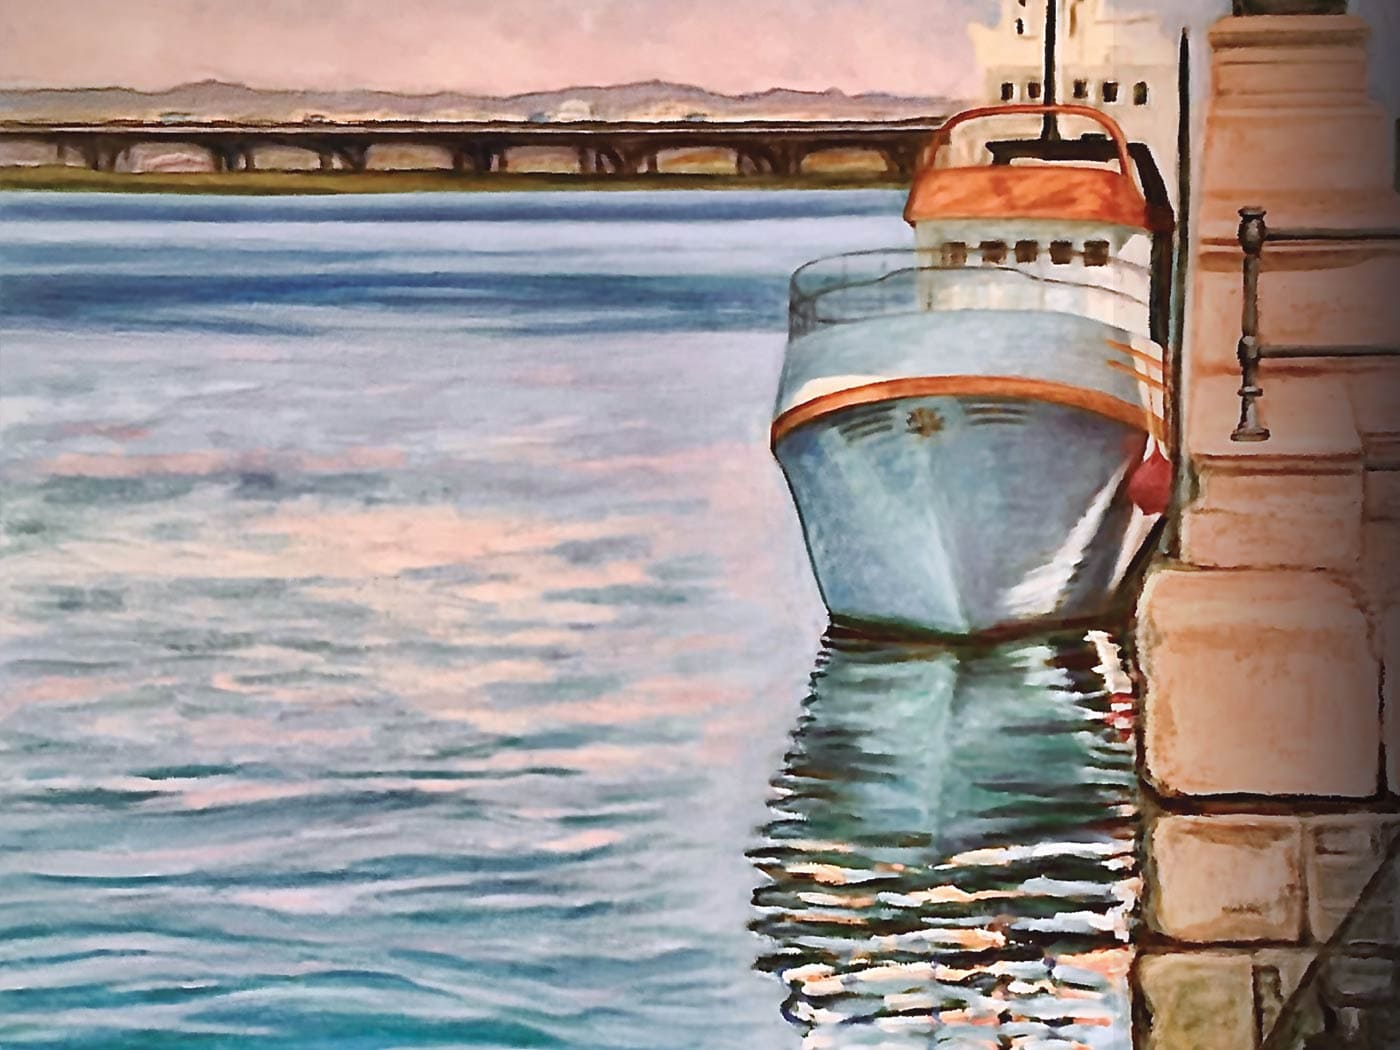 Exposición de pintura El agua como elemento compositivo Huelva